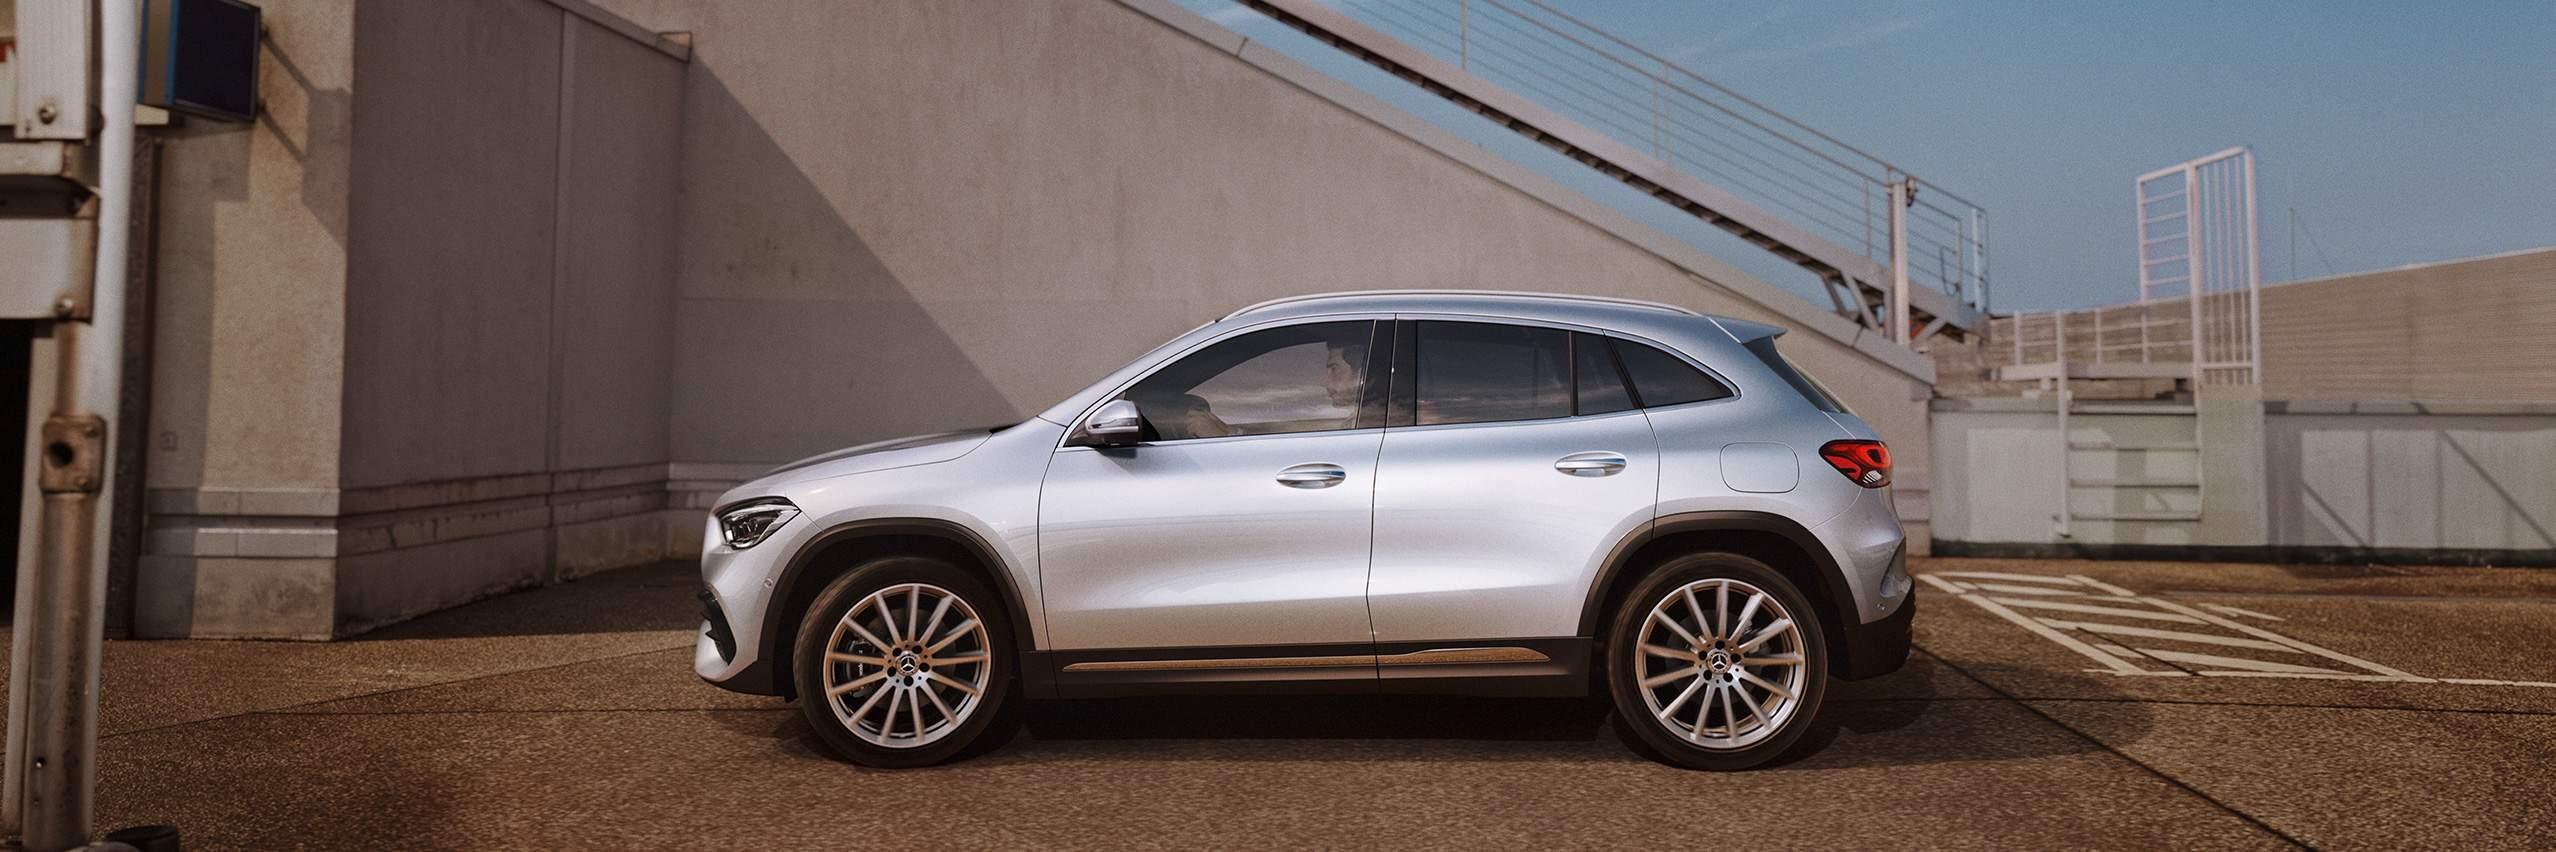 Безопасность Mercedes-Benz GLA